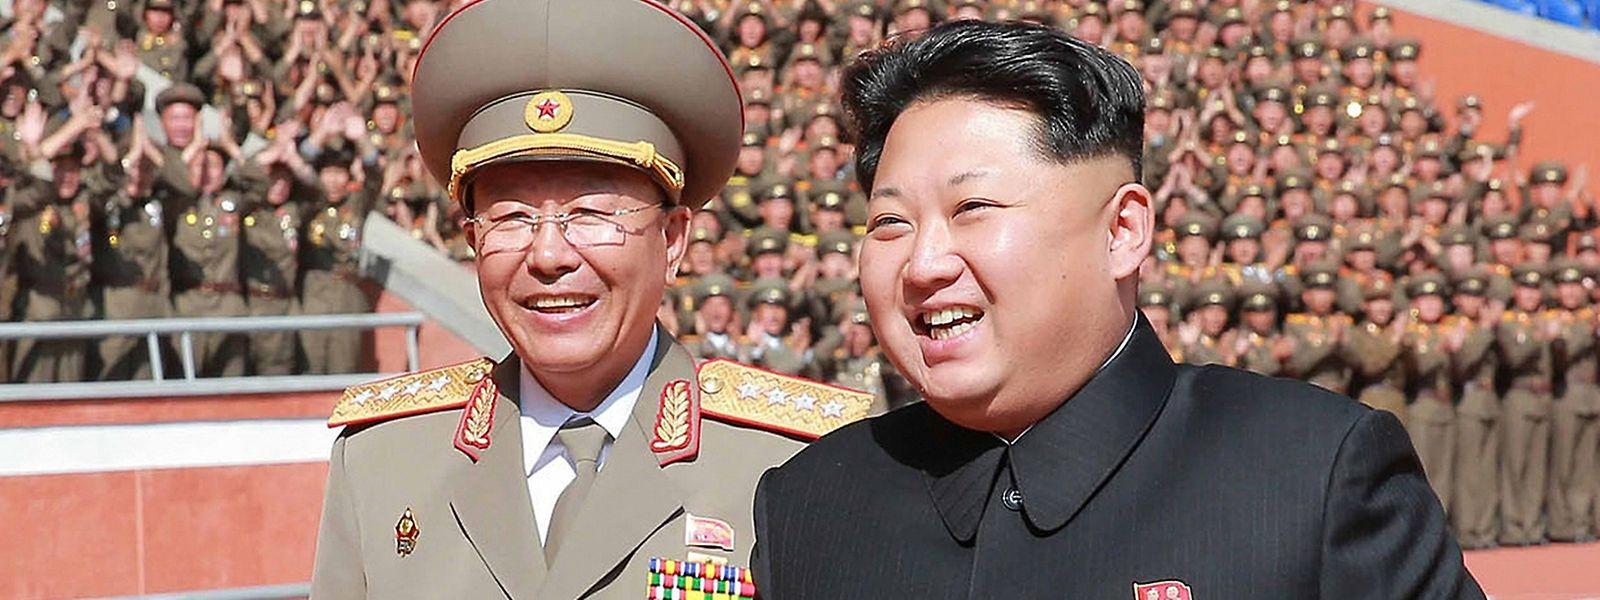 """Staatschef Kim Jong Un (r.) will """"die Vorbereitungen für einen Satellitenstart so bald wie möglich abschließen""""."""